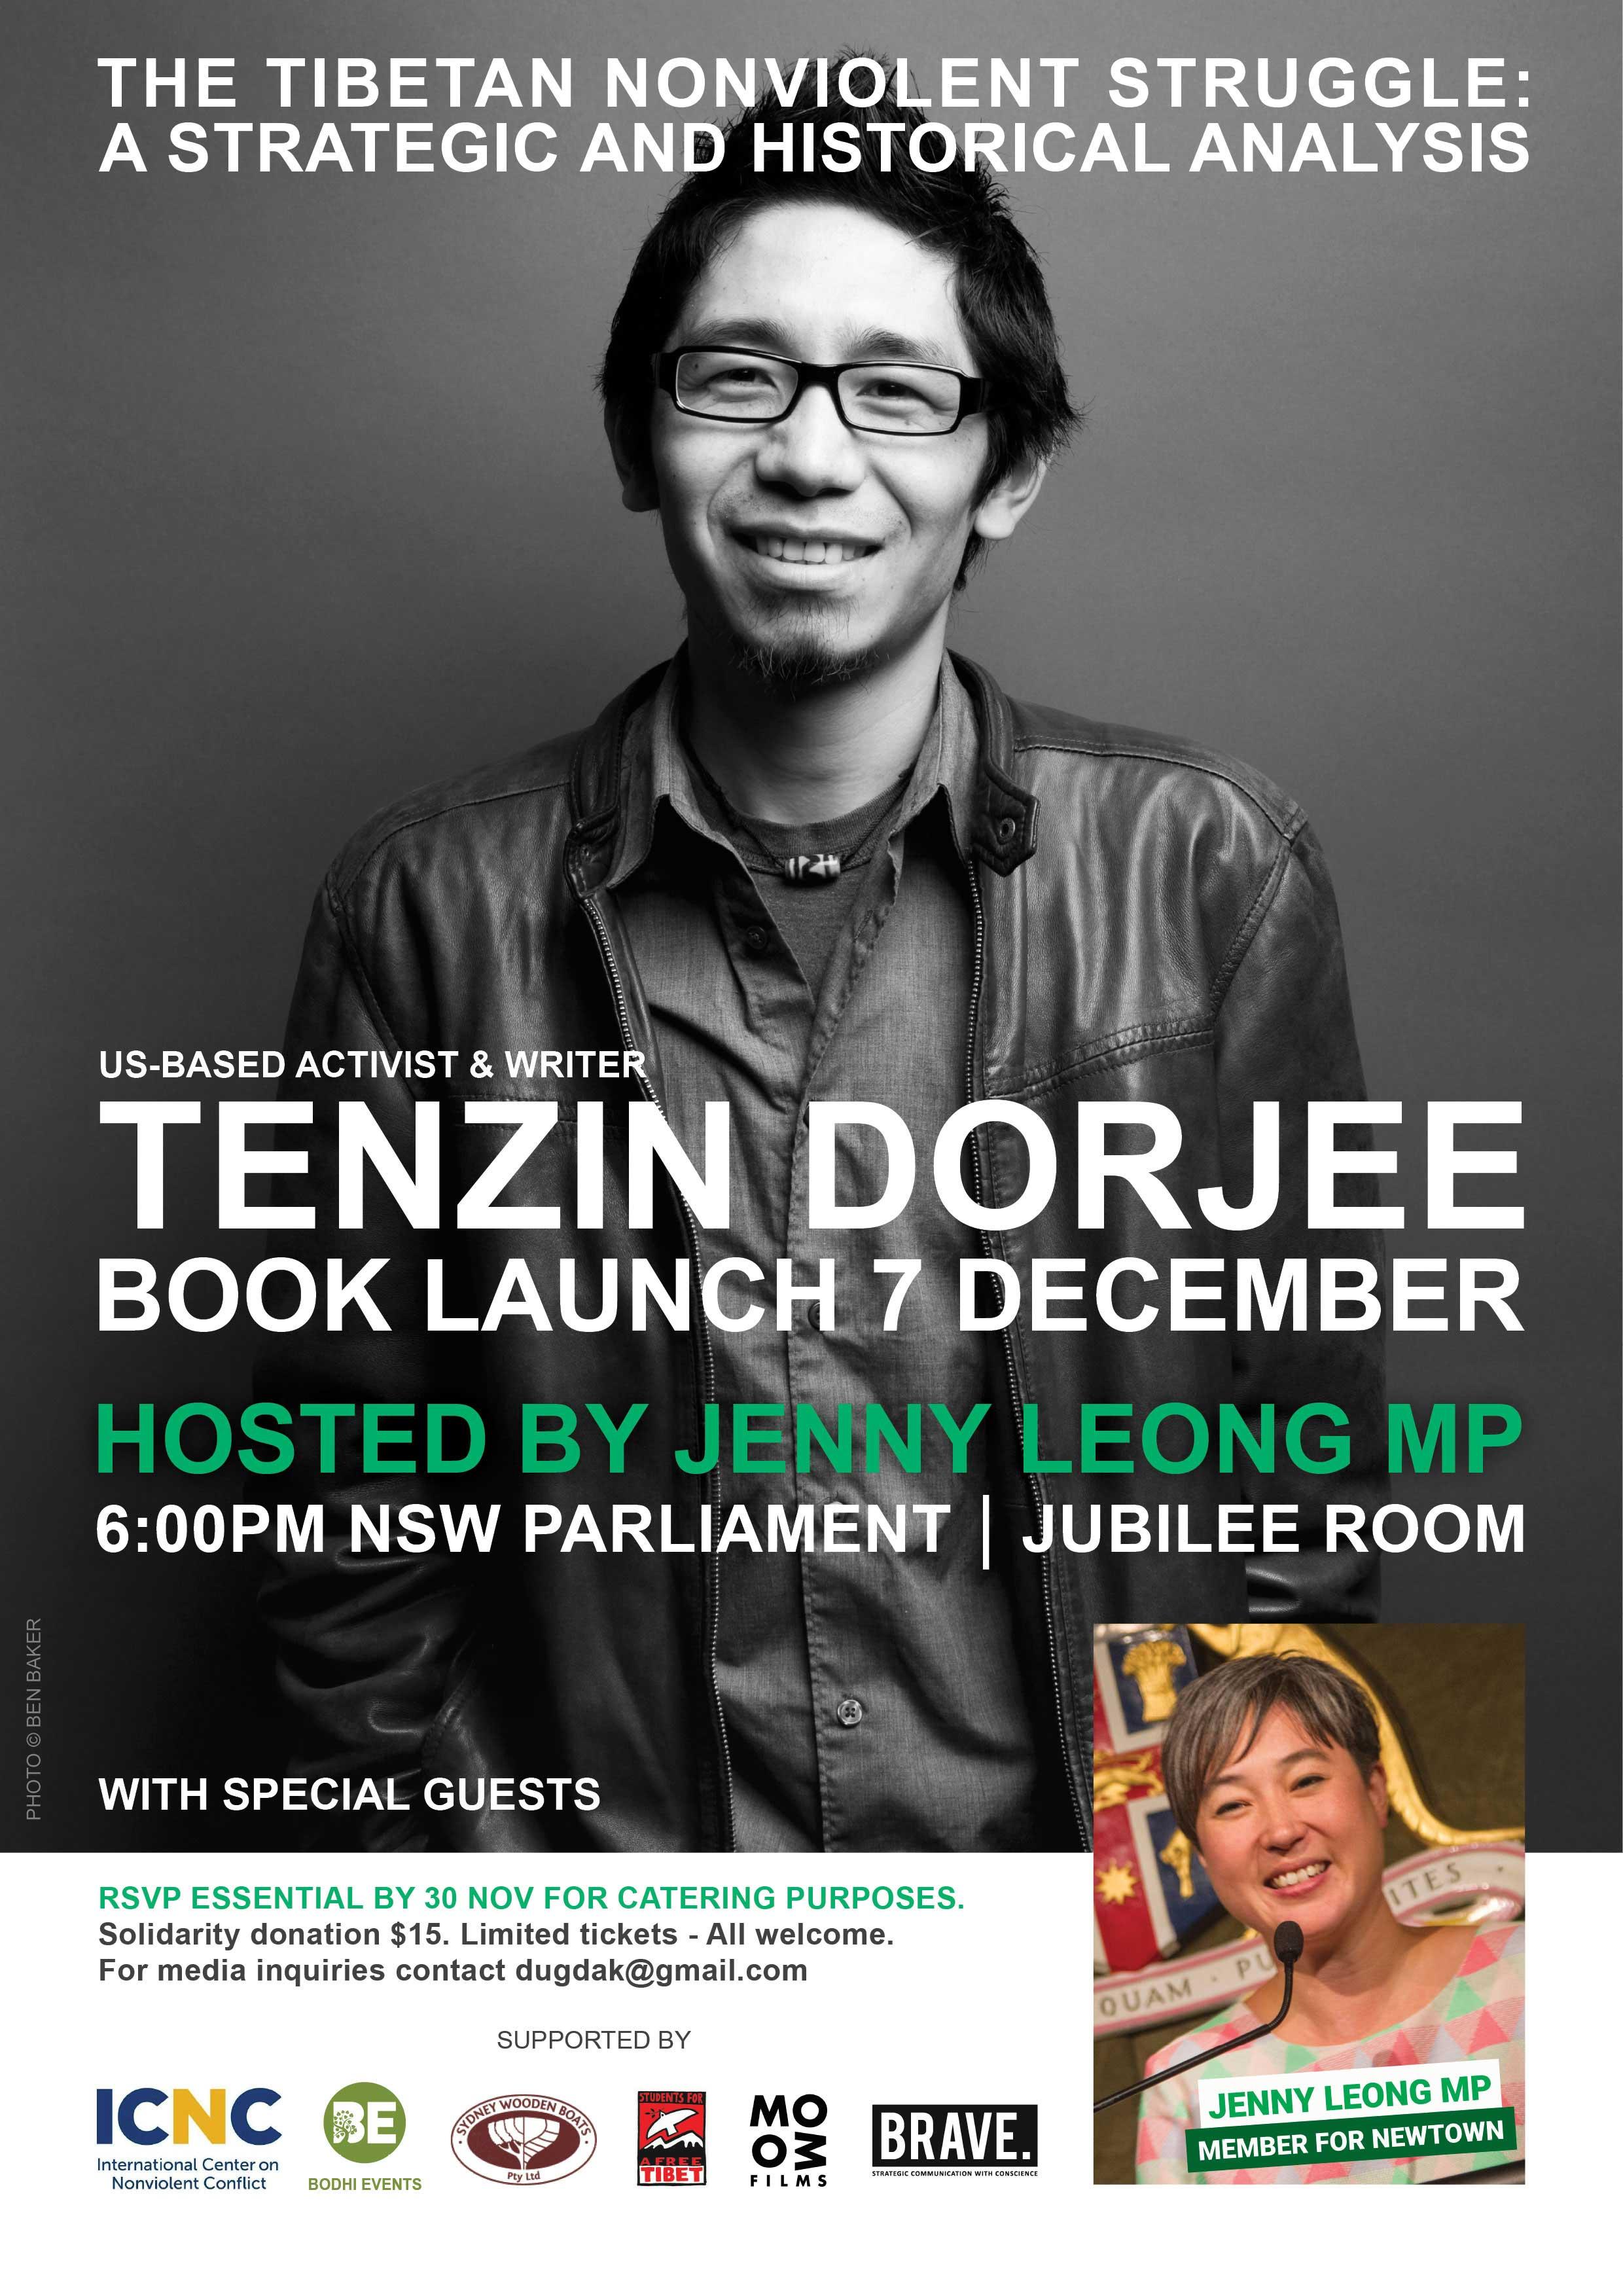 Tendor Book Launch